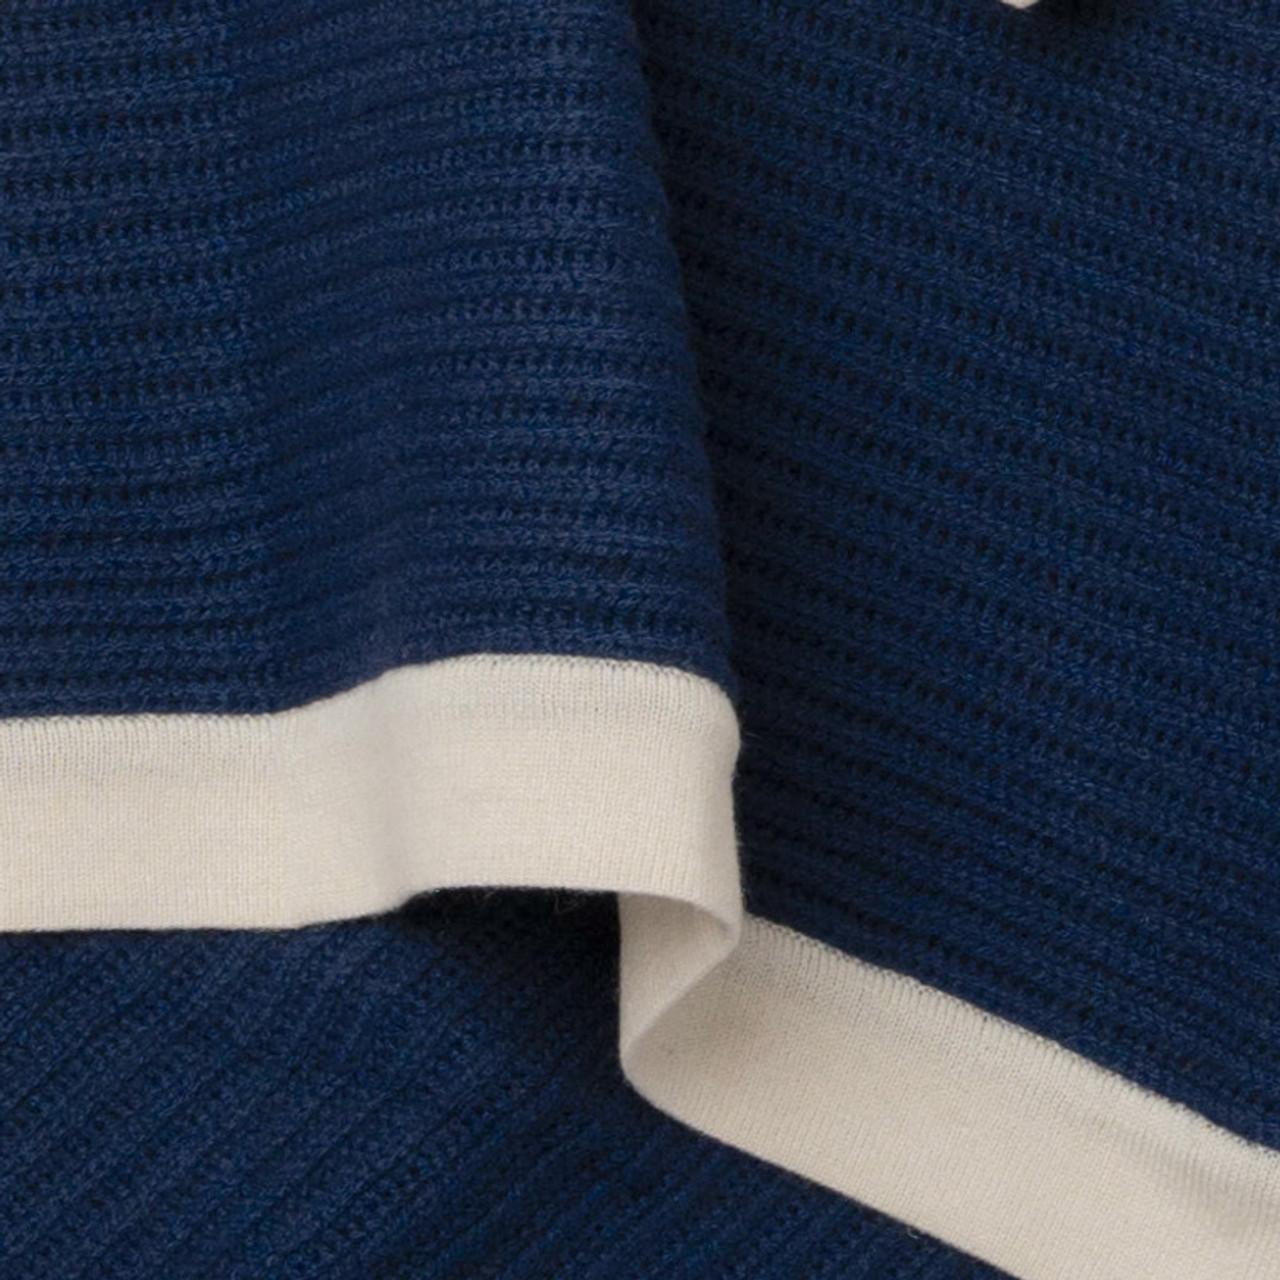 Dark Navy & Cream Fisherman's Knit Cashmere Throw